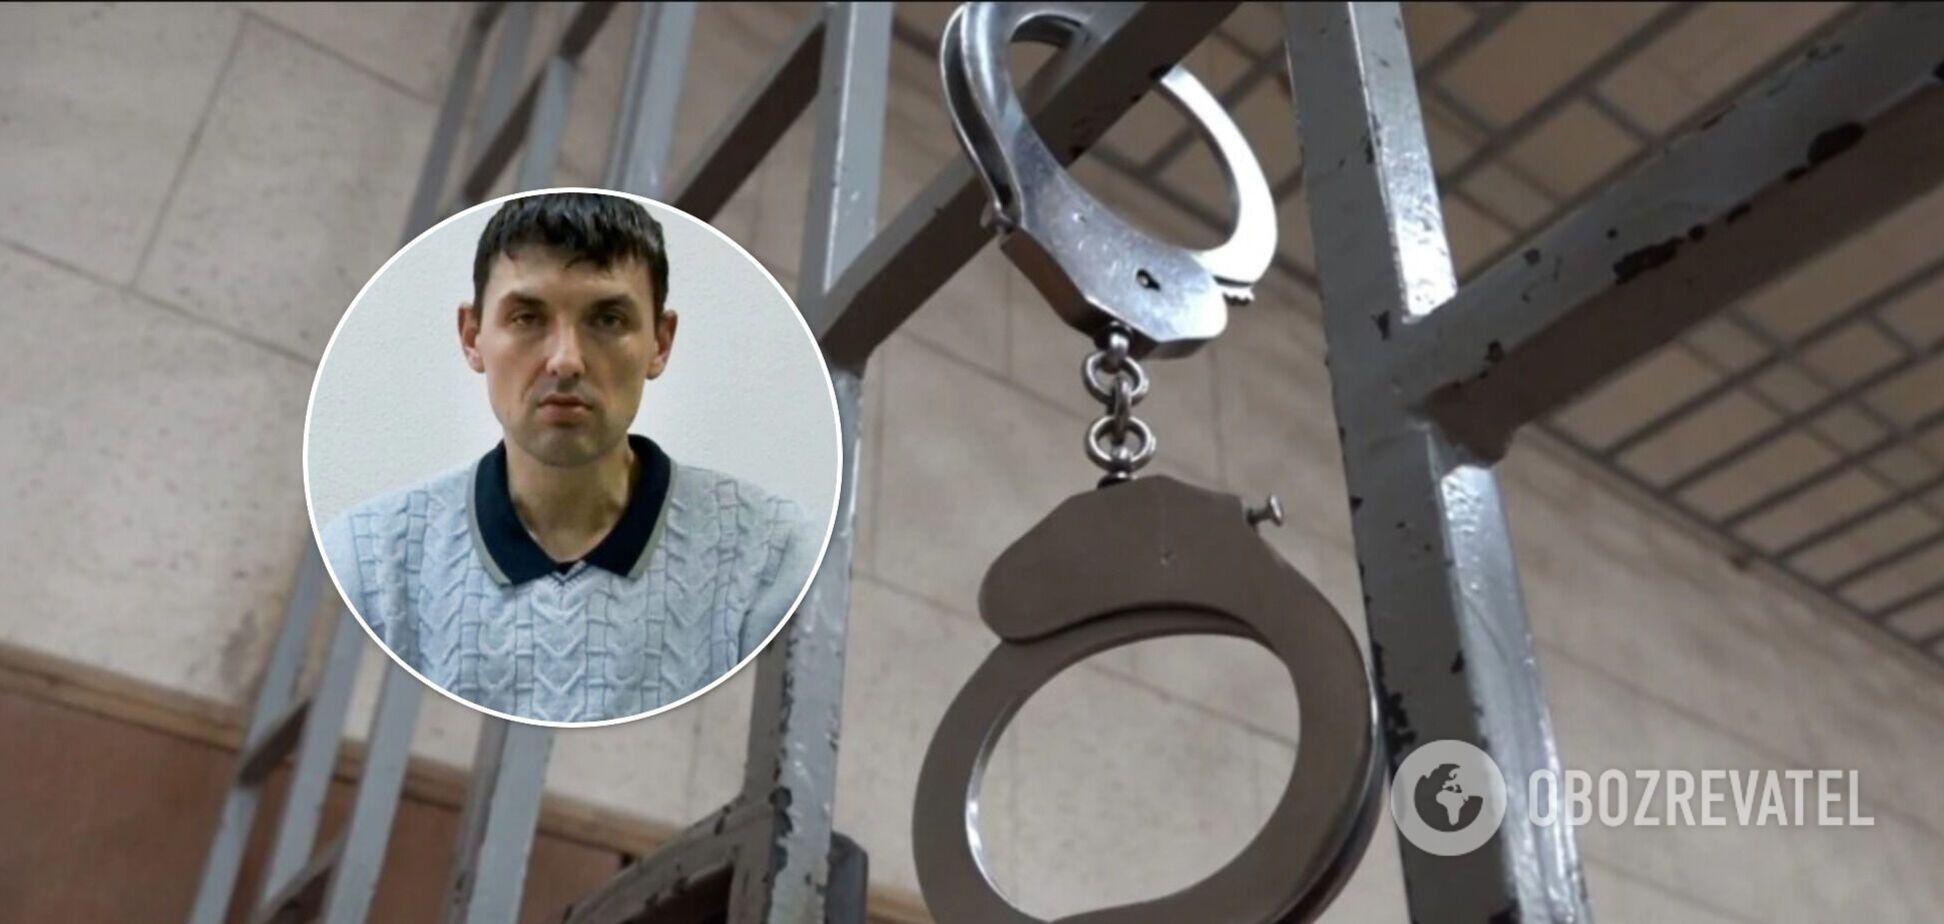 Після 4 років у російській в'язниці до України повернувся політв'язень Шаблій